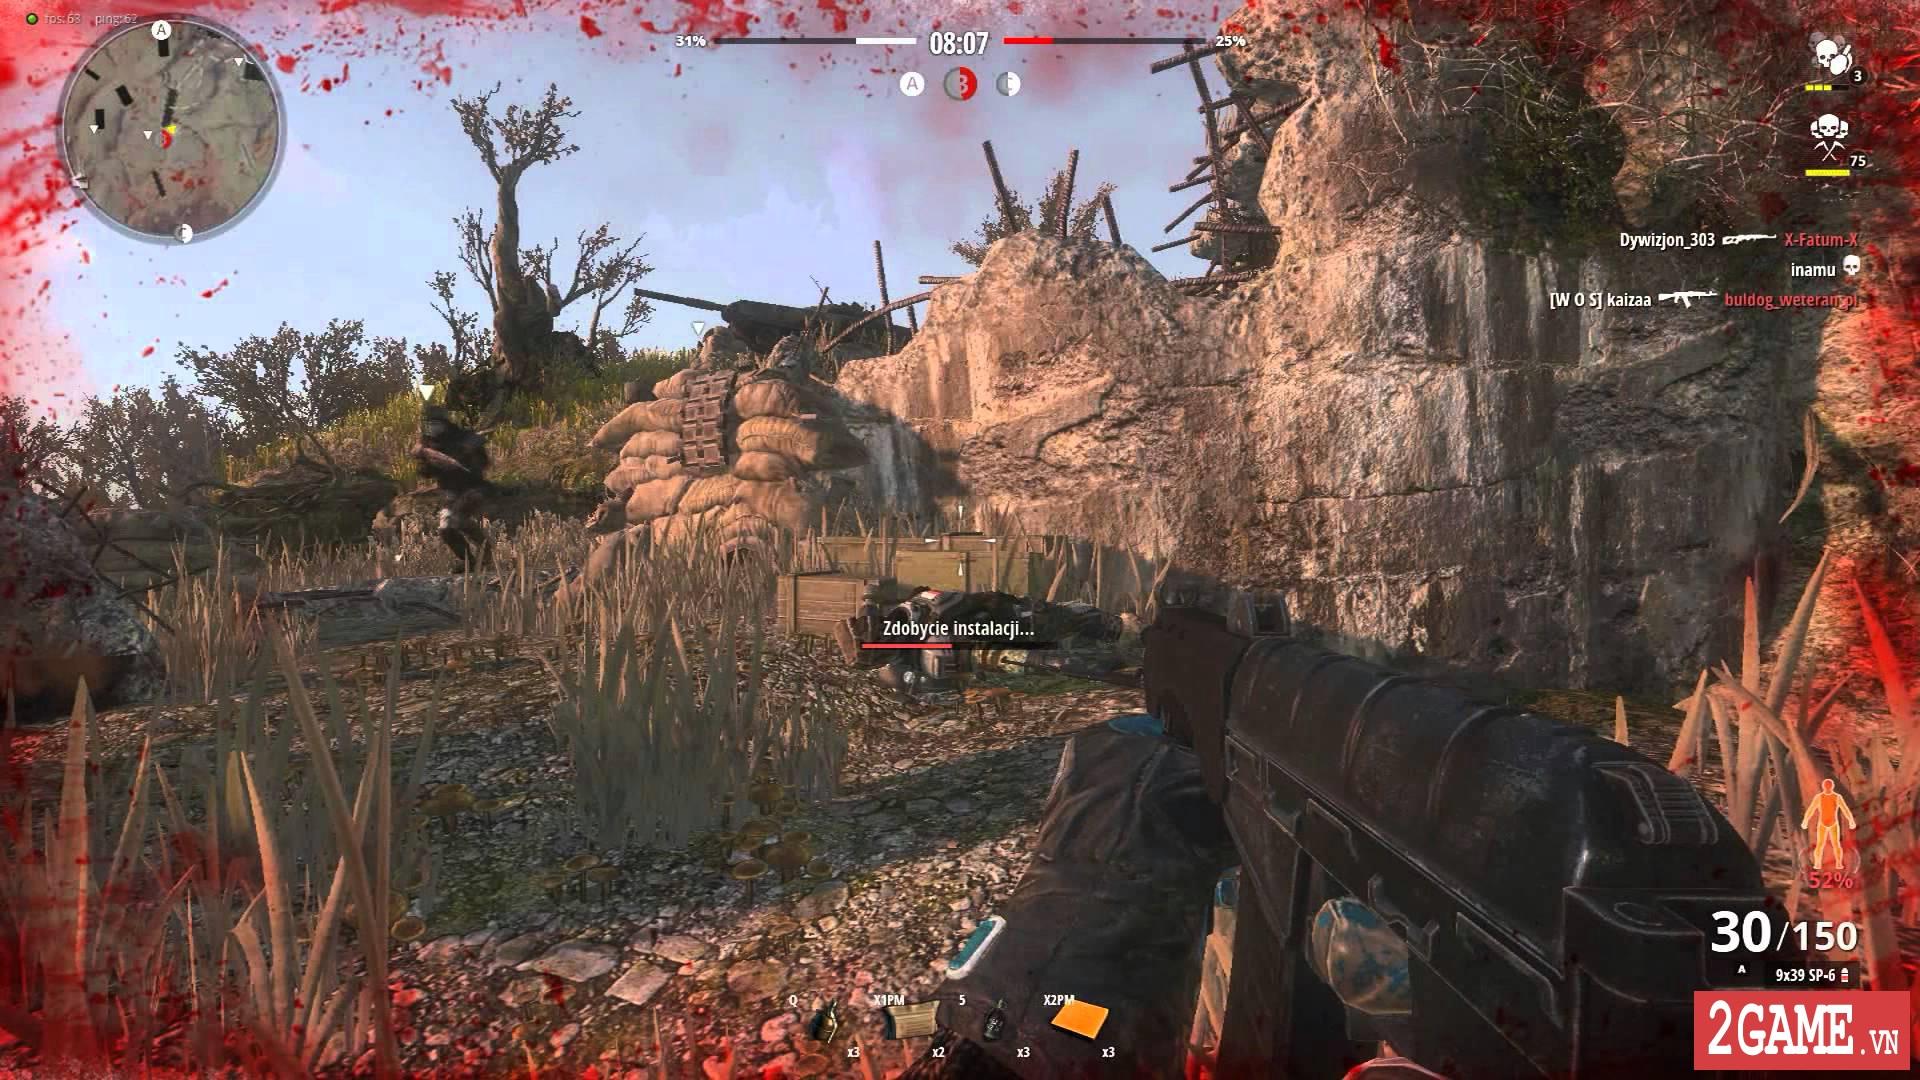 Tặng 400 VIP code game bắn súng tuyệt đỉnh Survarium 4